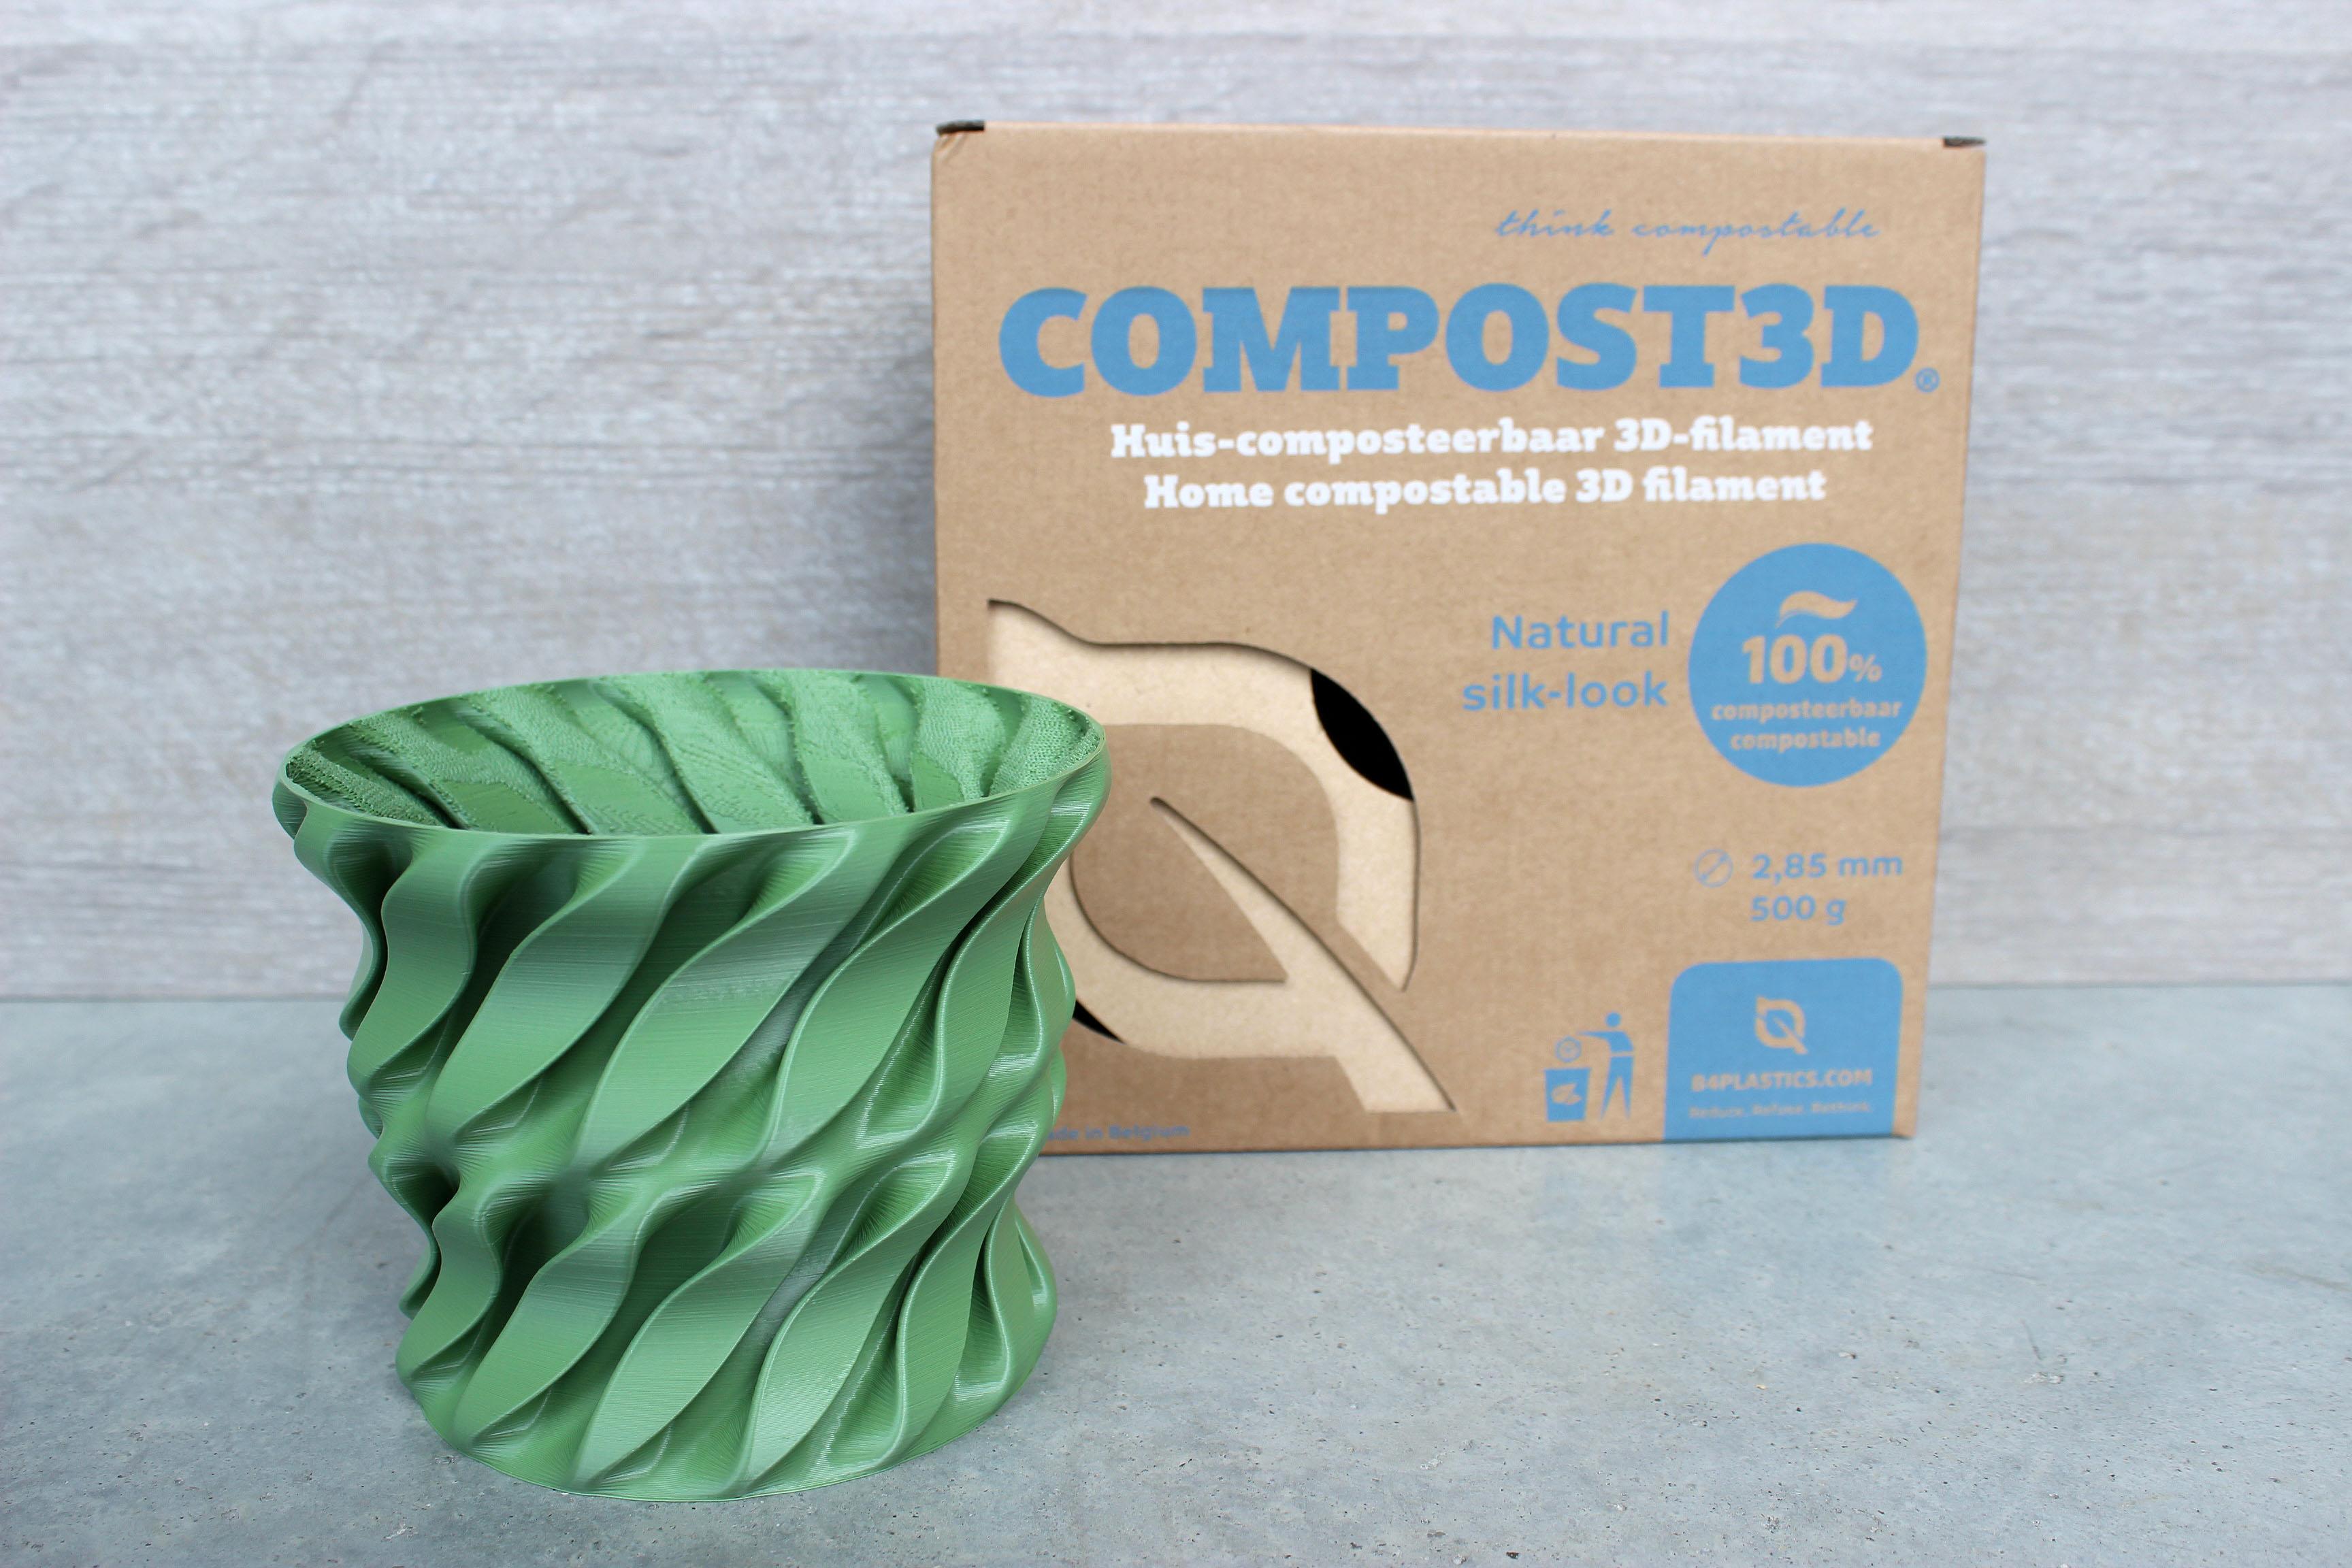 B4PLASTICS-Compost3D